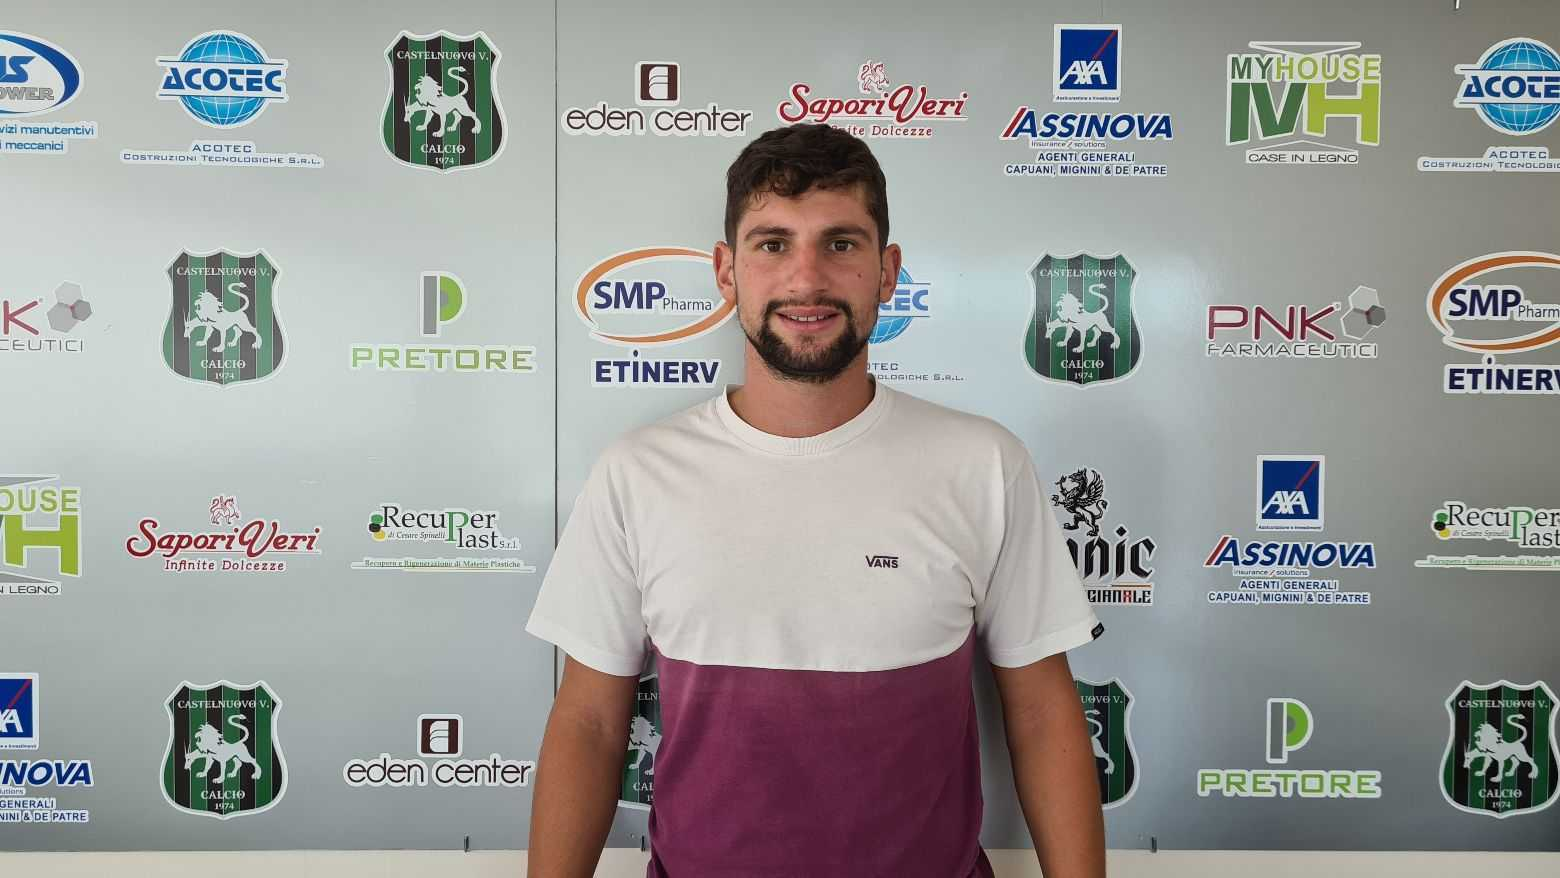 Calcio D, Stefano D'Egidio ancora nel Castelnuovo per la terza stagione